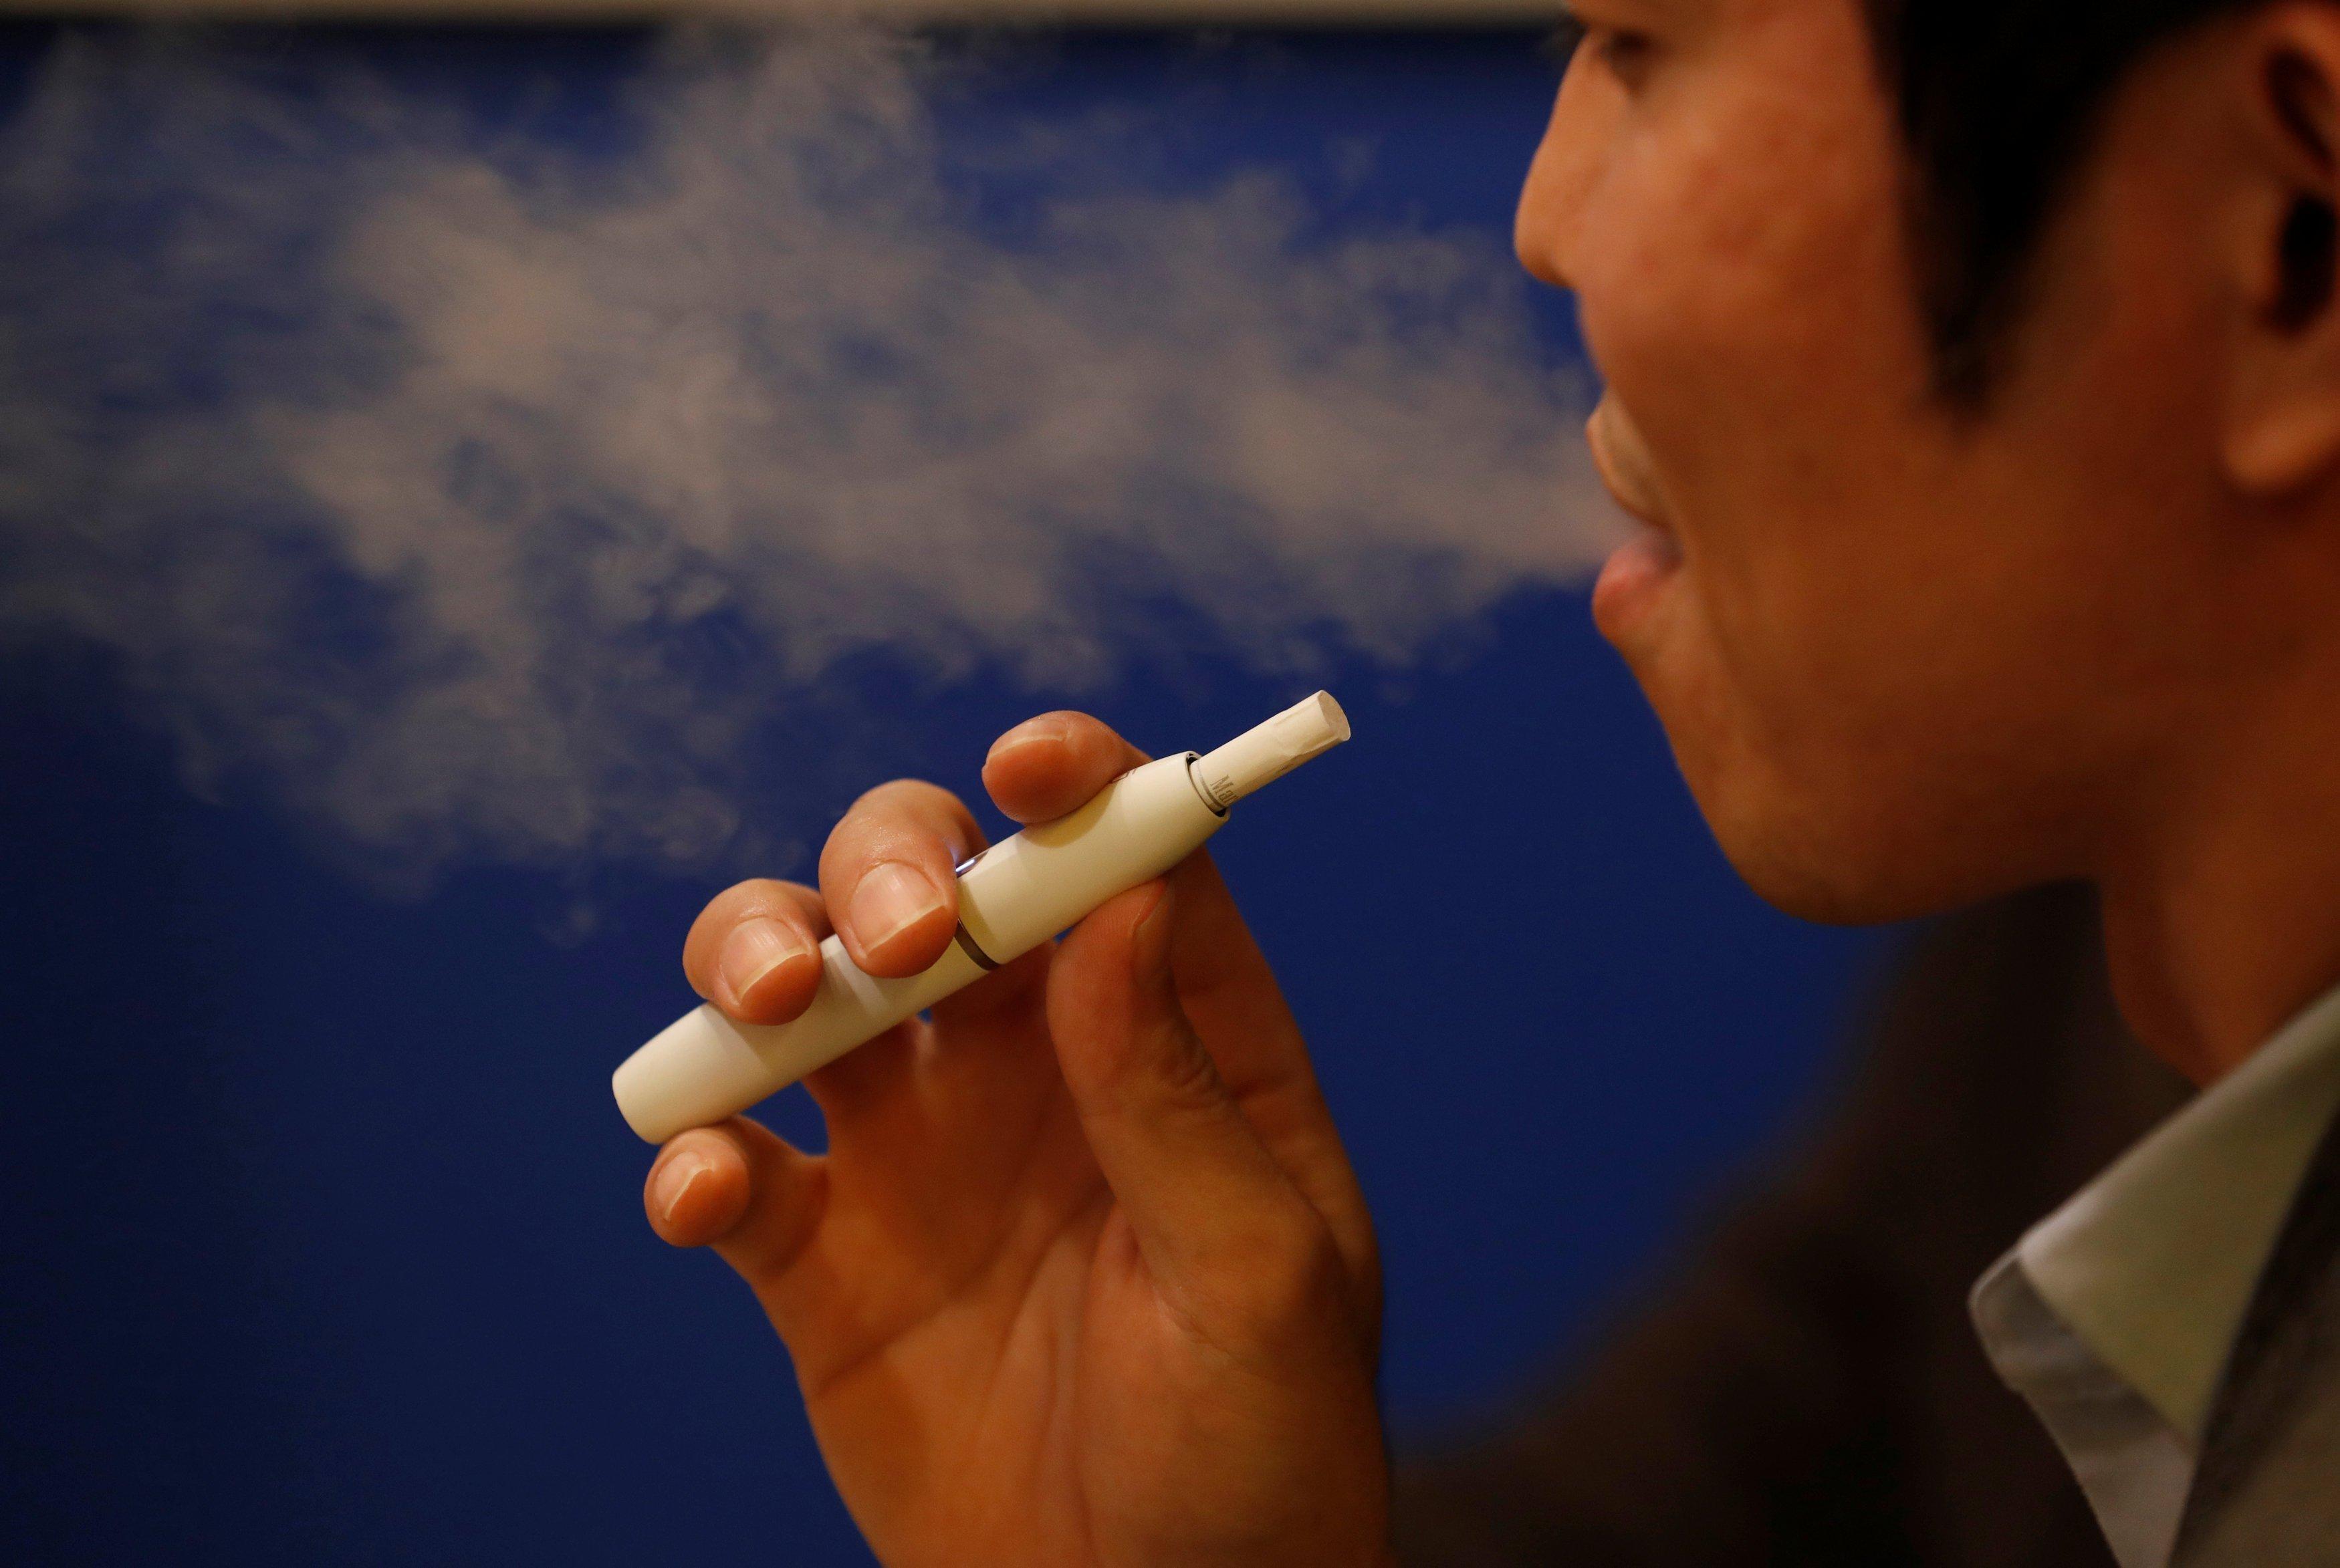 سیگار حرارتی آیکوس